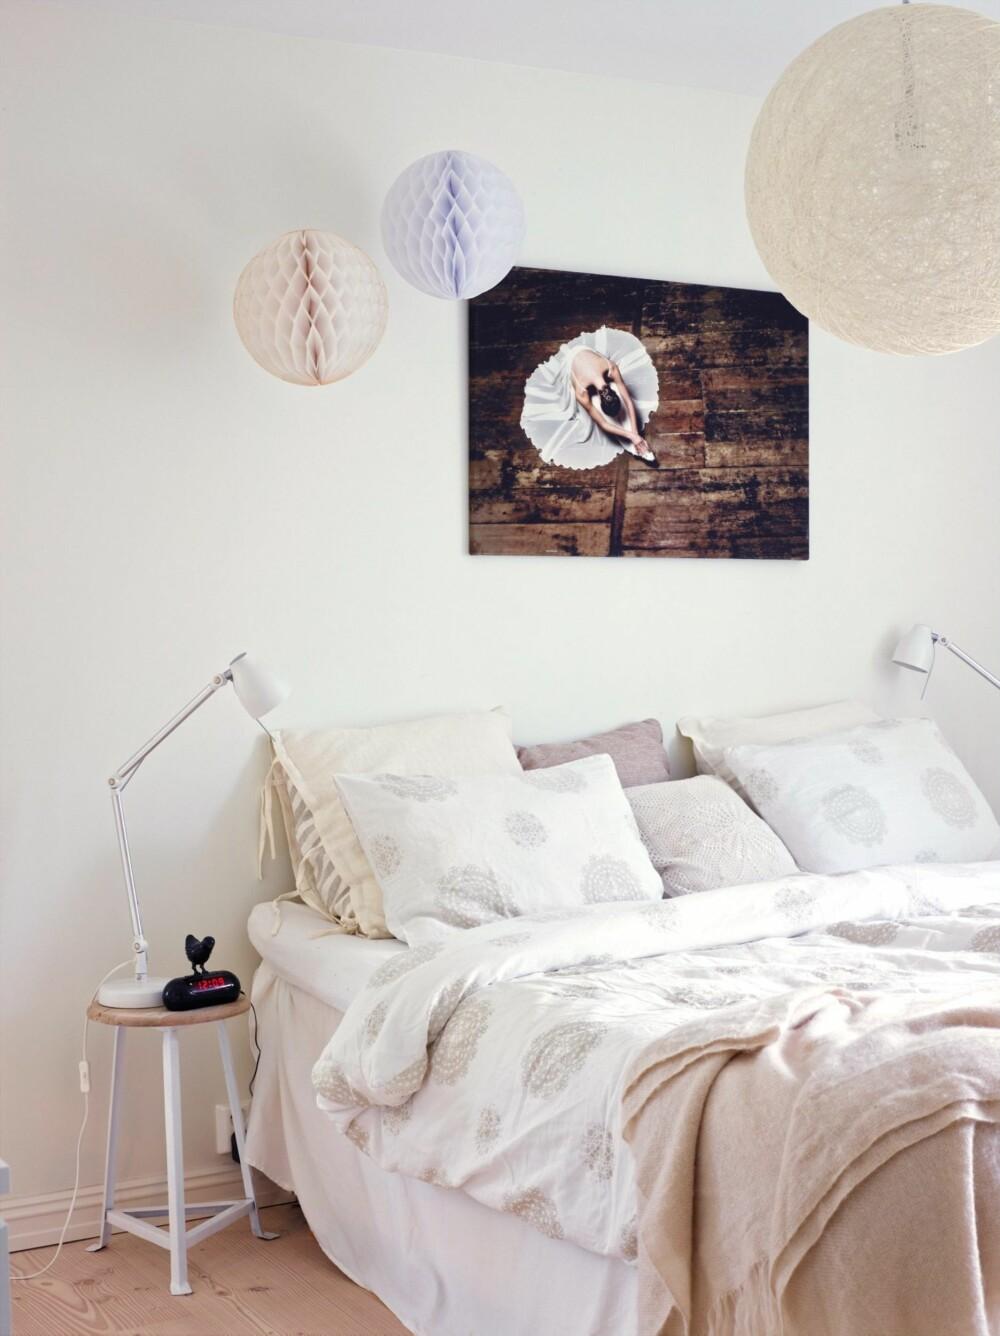 REFLEKTERER DAGSLYSET: Foreldresoverommet er et av de få rommene i huset som har fått hvite vegger. Bildet over sengen er kjøpt på Fineart for noen år tilbake, og lampen i taket er fra Designbelysning.